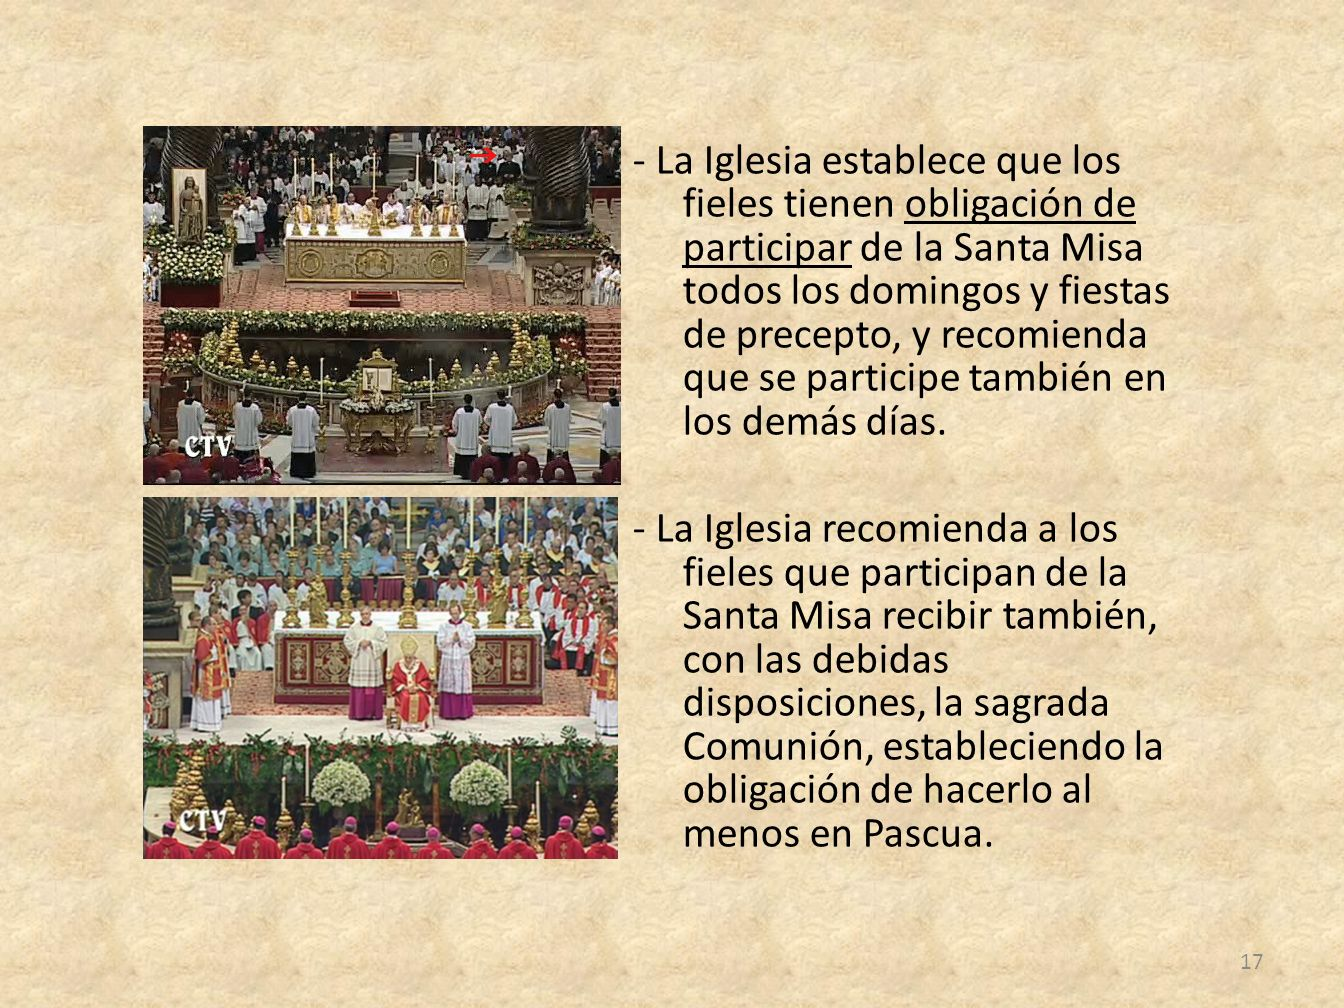 - La Iglesia establece que los fieles tienen obligación de participar de la Santa Misa todos los domingos y fiestas de precepto, y recomienda que se participe también en los demás días.